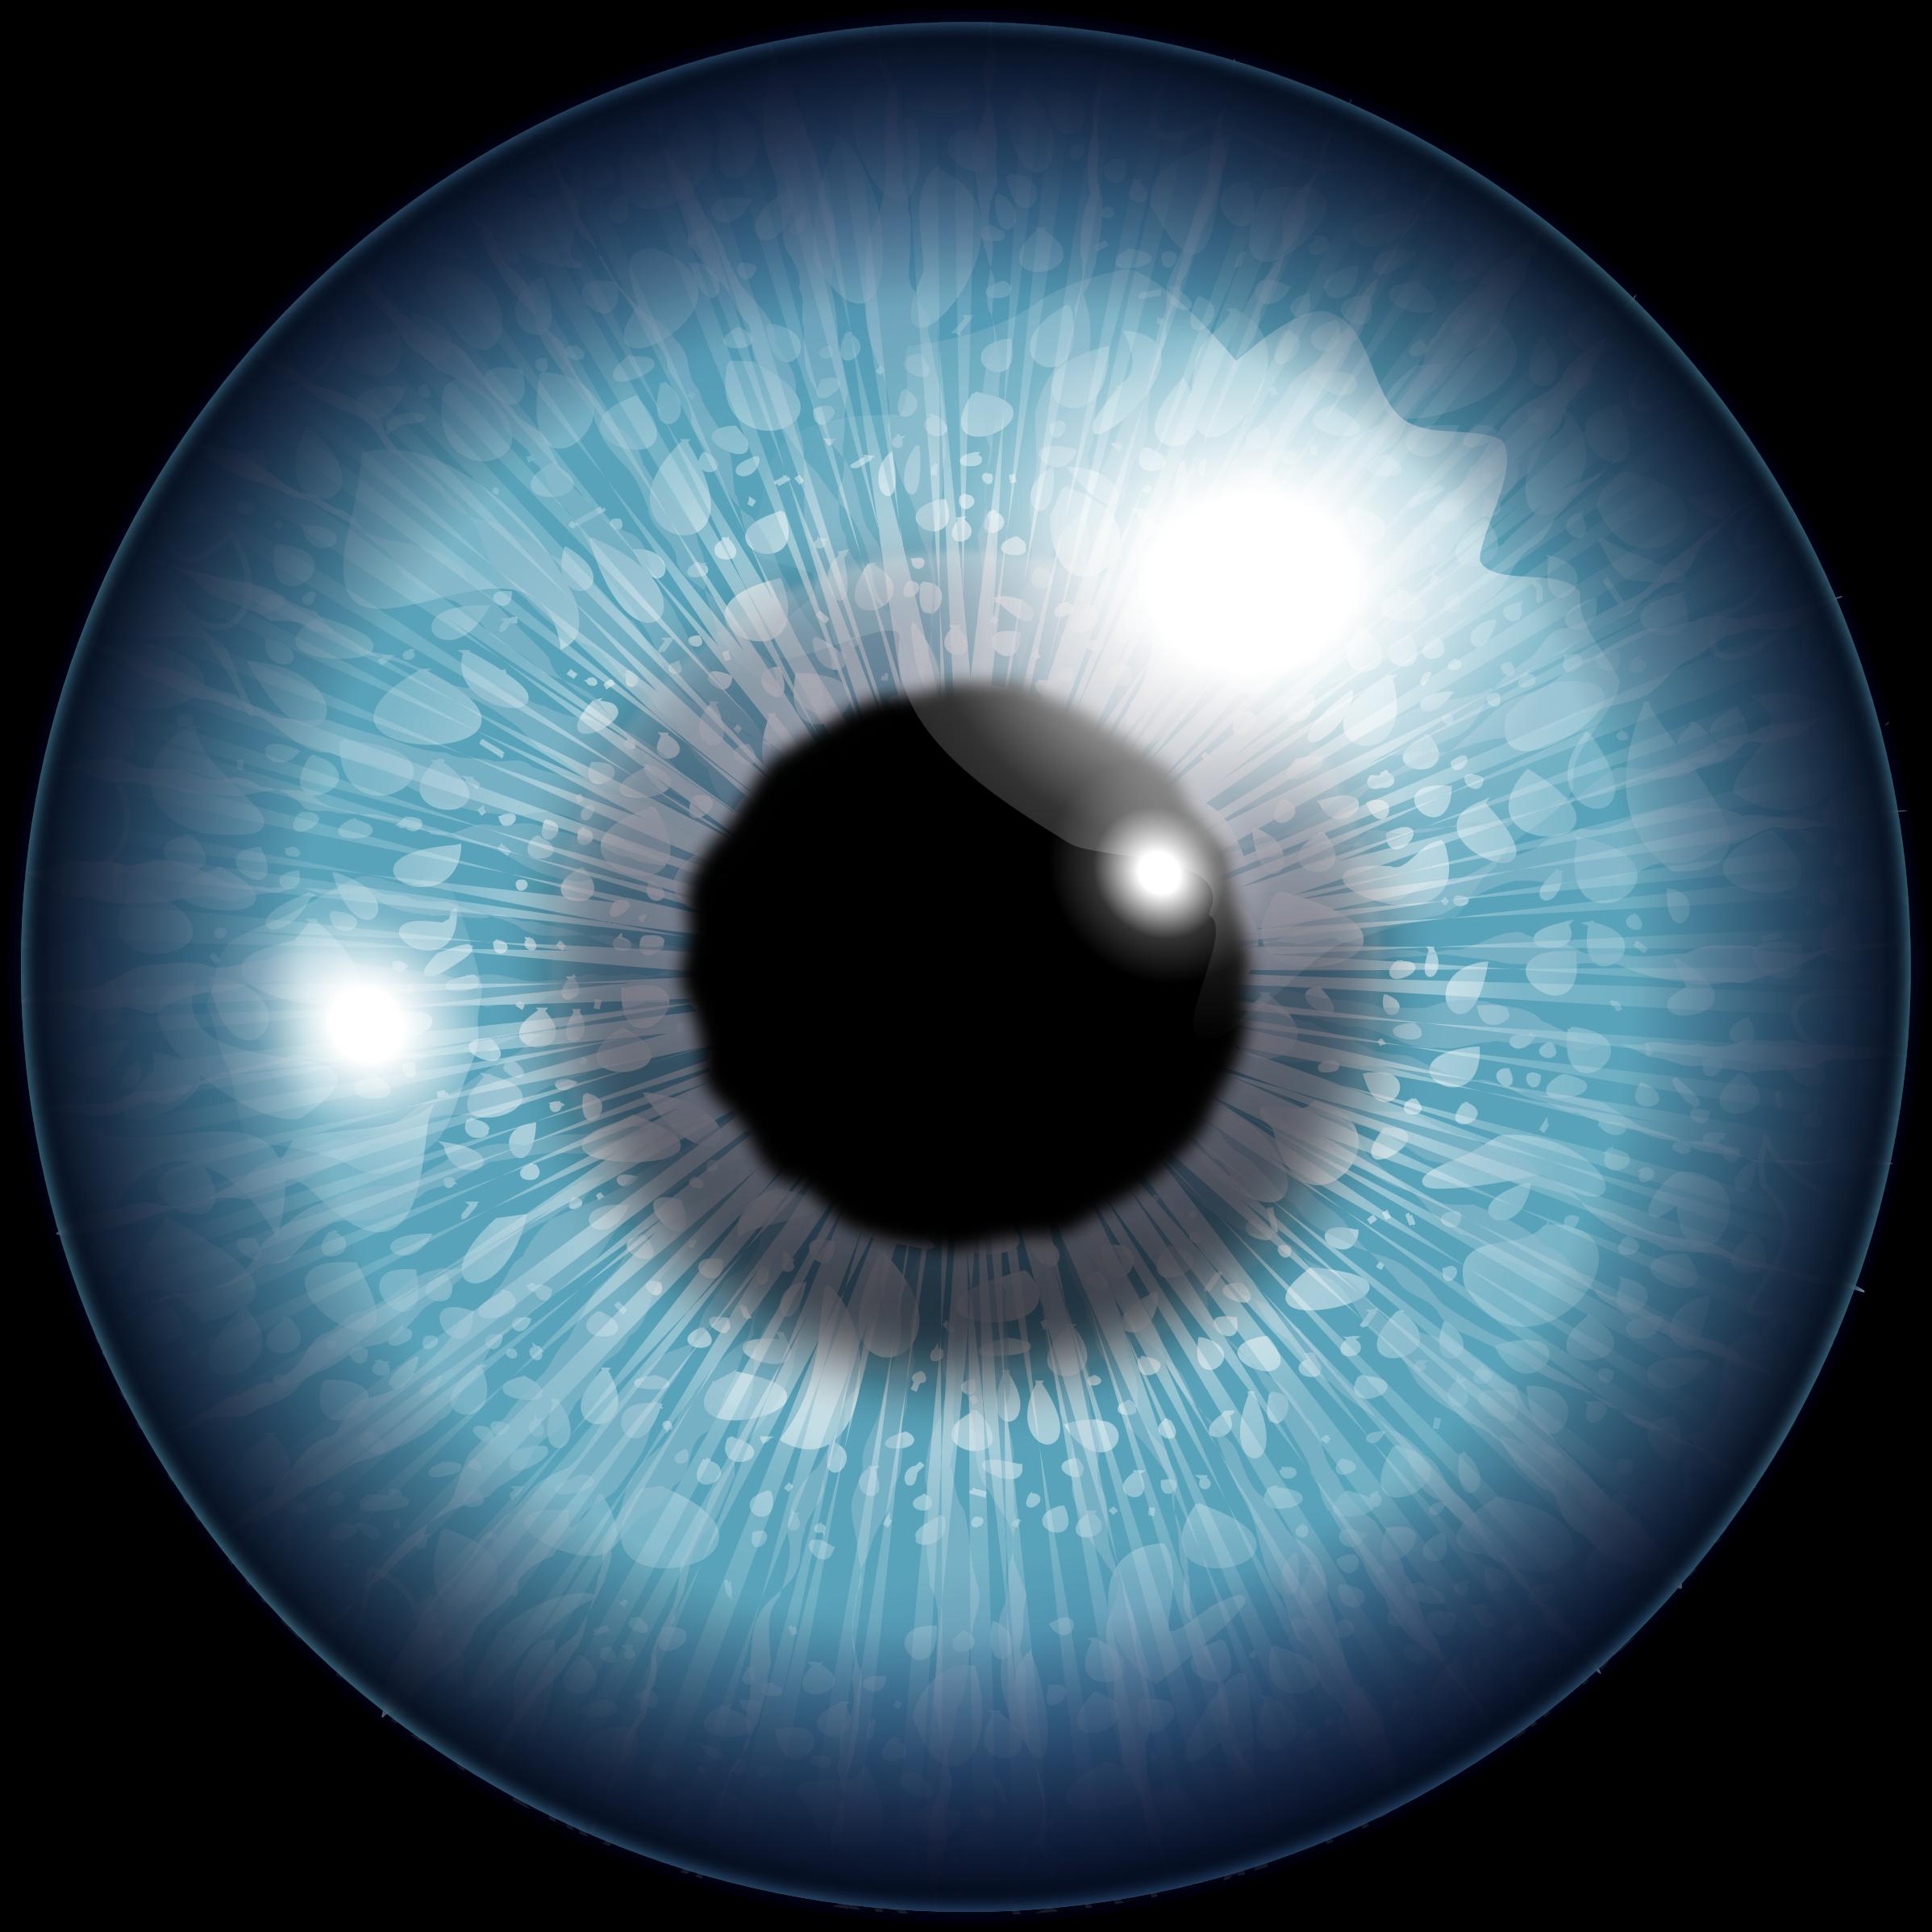 Blue Eye Drawing Png image #42302